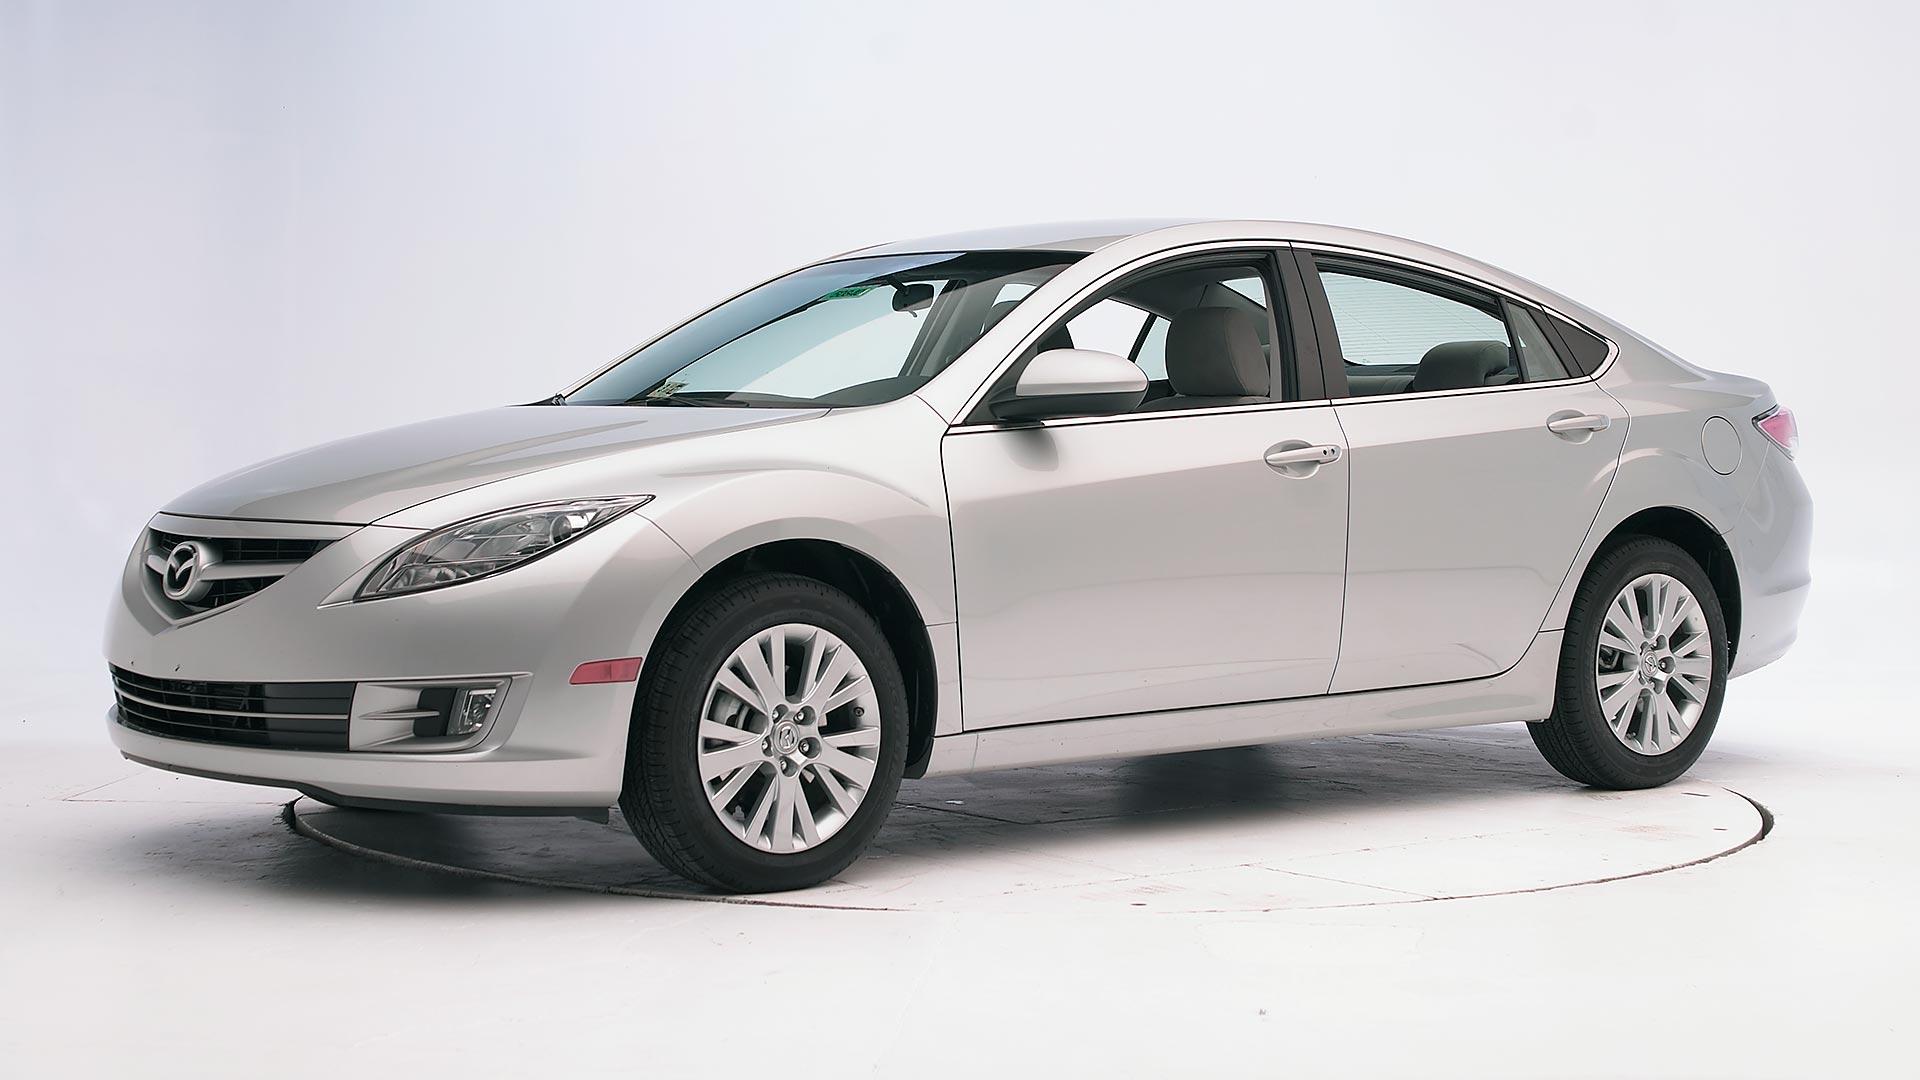 Kekurangan Mazda 6 2011 Perbandingan Harga